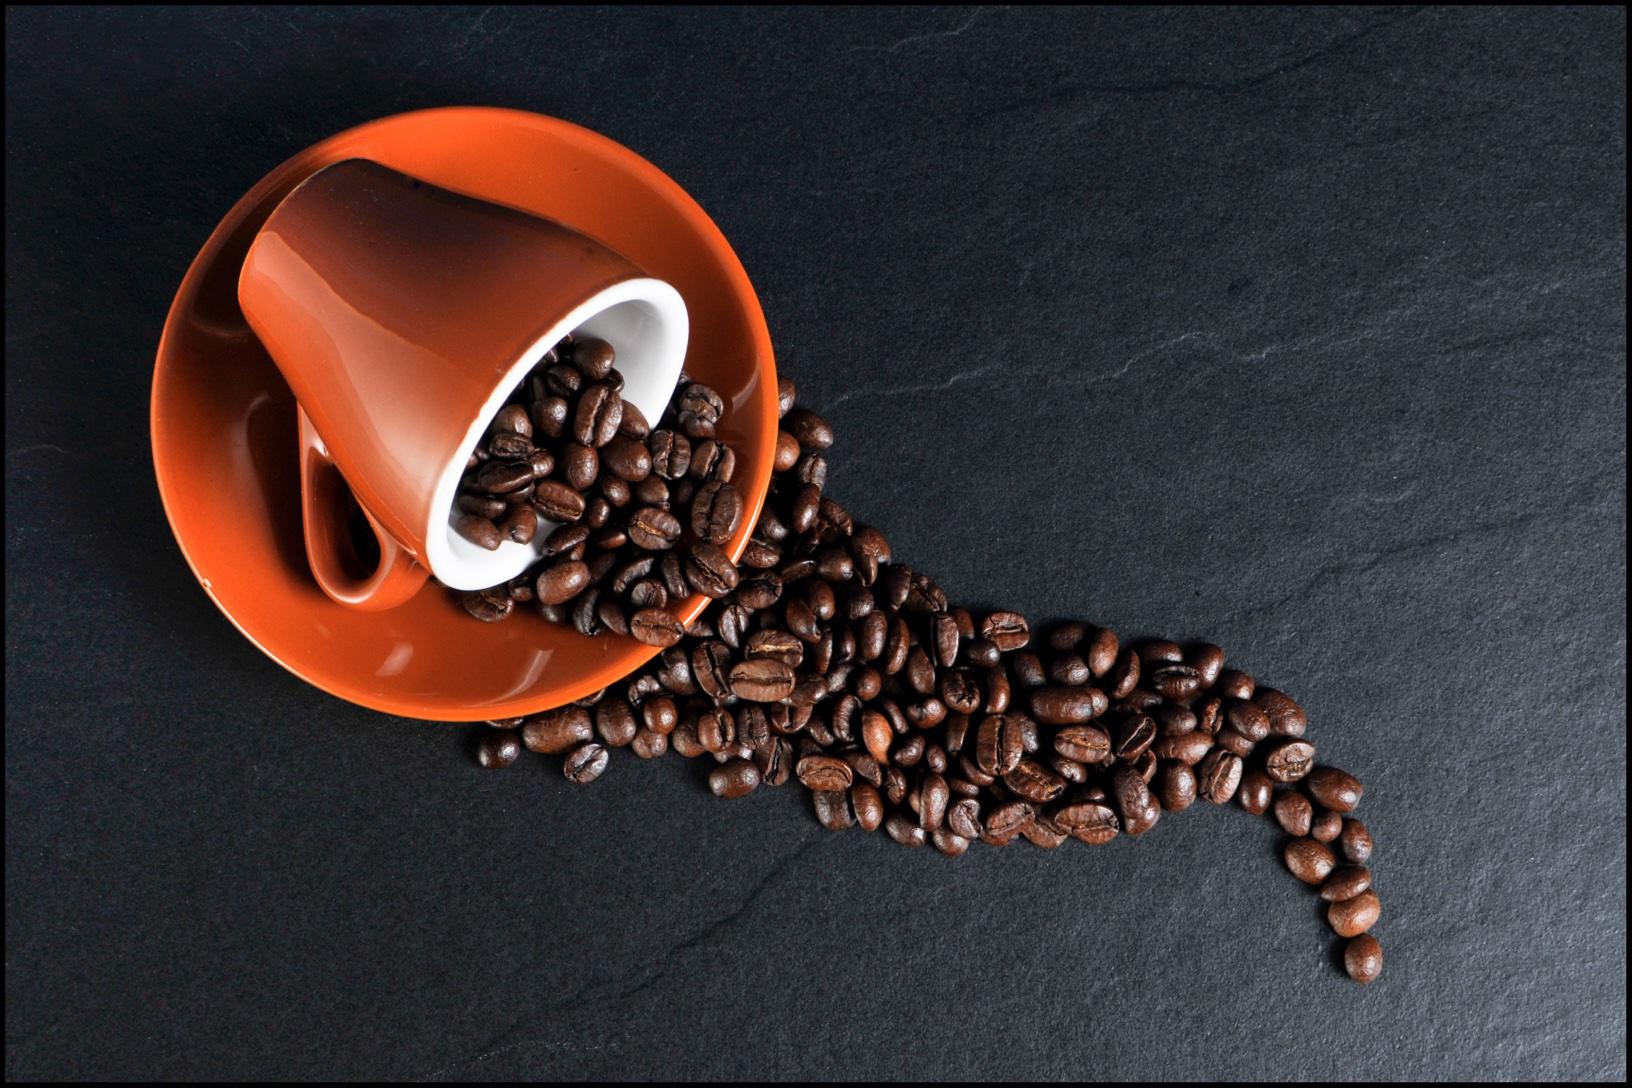 Recorrido del cafÉ - 8. Recorre haciendas cafetaleras y cafés locales. El café puertorriqueño es uno de calidad. Probablemente entre los mejores del Mundo. Cada municipio cuenta con cafés y cafetines que ofrecen una experiencia única y muchos de ellos a excelentes precios. En los pueblos de la montaña puedes combinar esta experiencia visitando las haciendas y fincas cafetaleras que te ofrecerán un recorrido por el proceso de producción. No solo aprenderás, sino que probarás el mejor café que hayas probado.